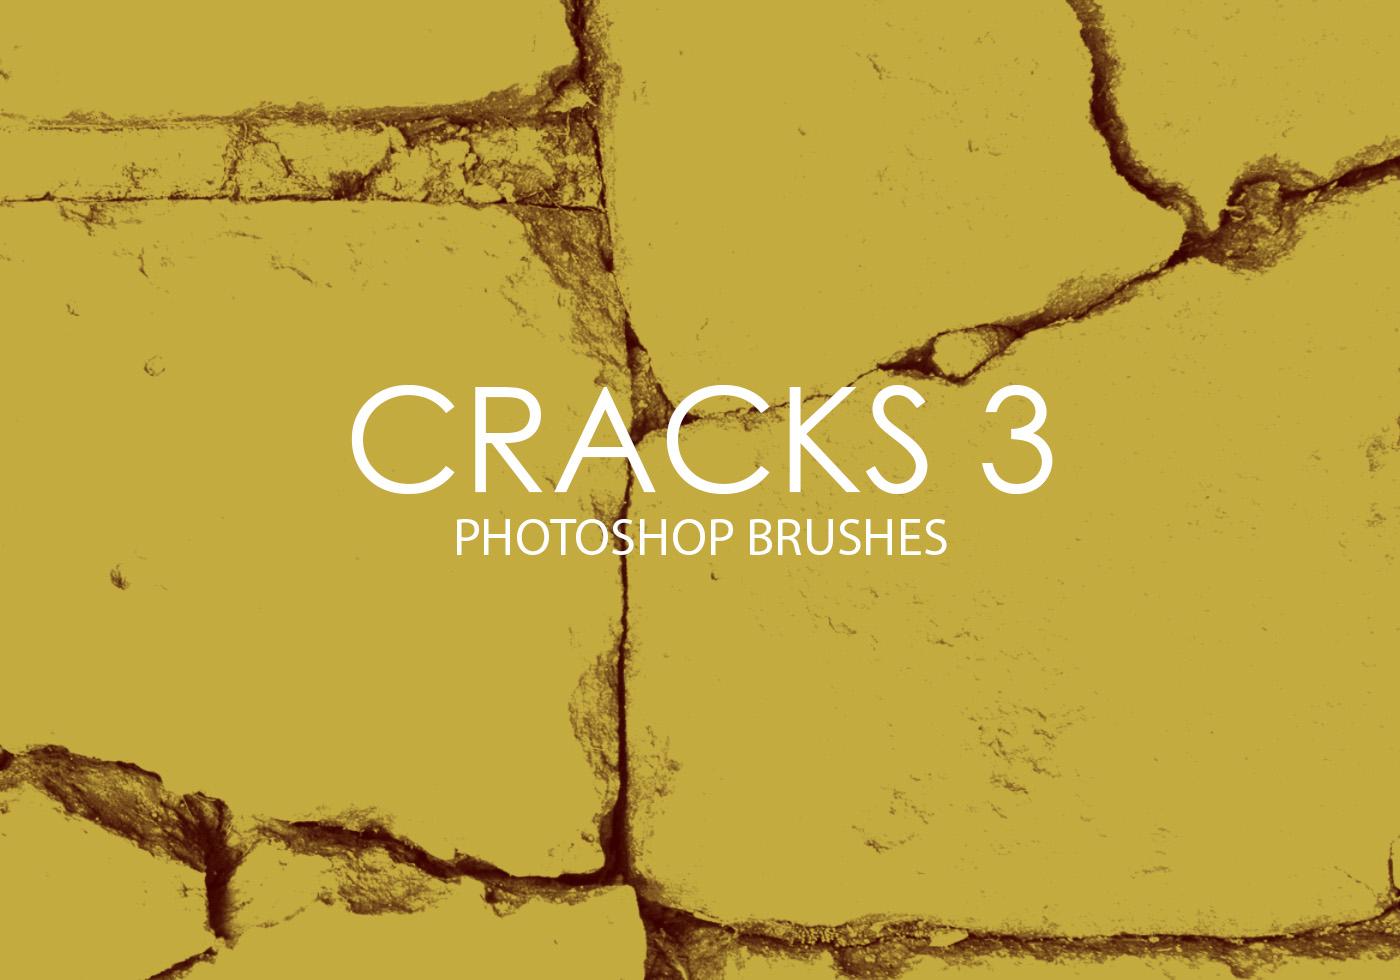 free cracks photoshop brushes 3